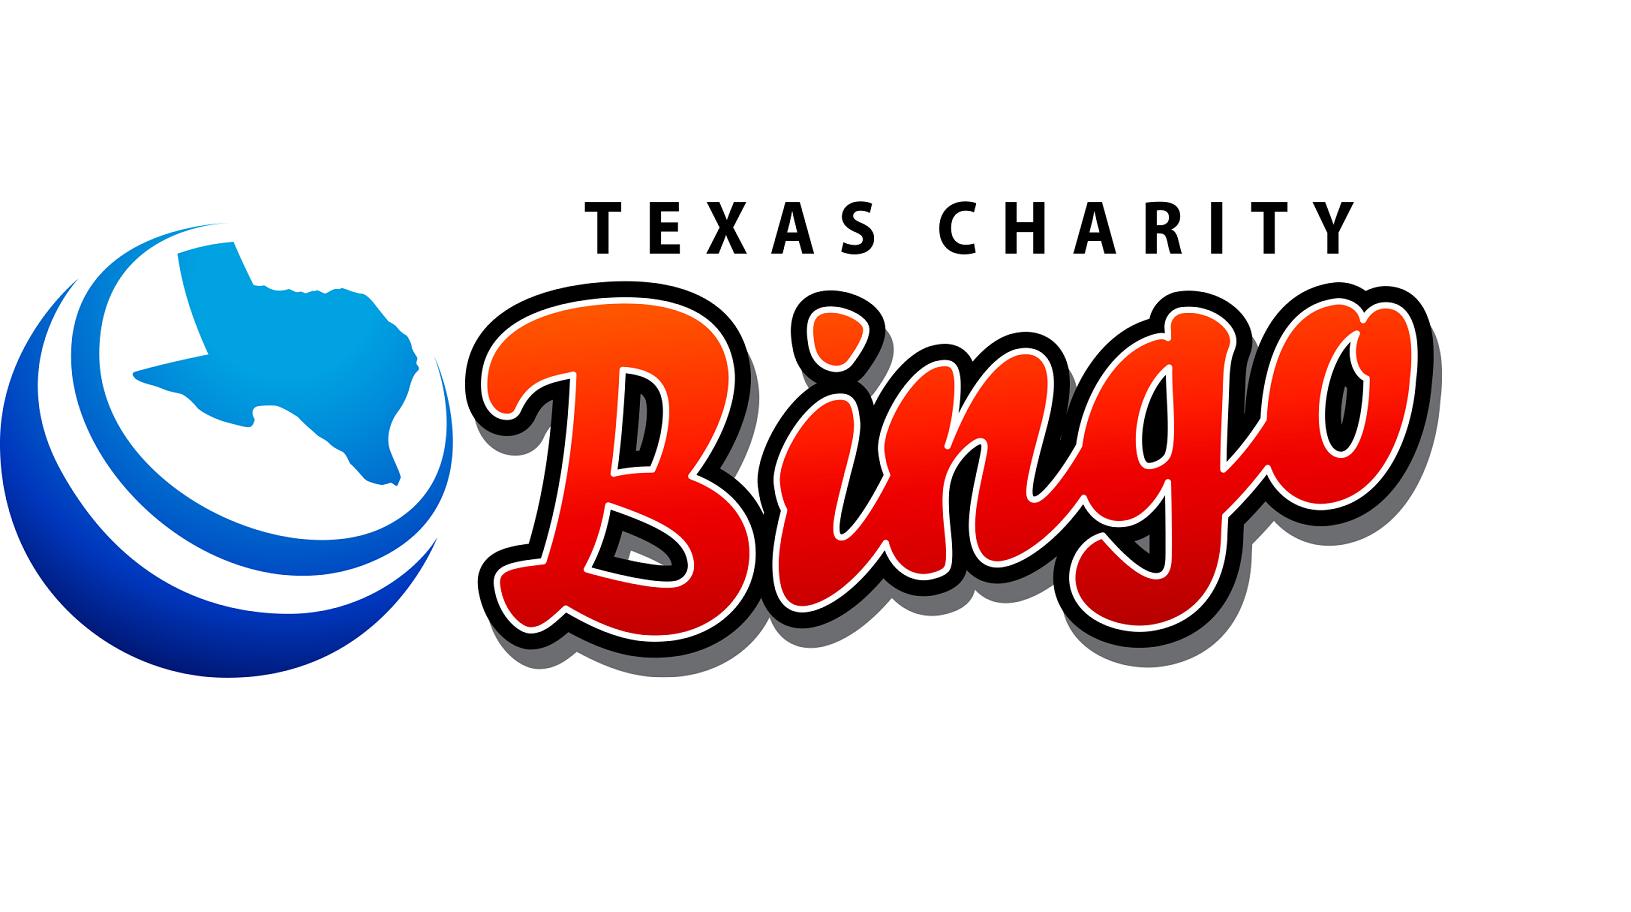 Texas Charity Bingo